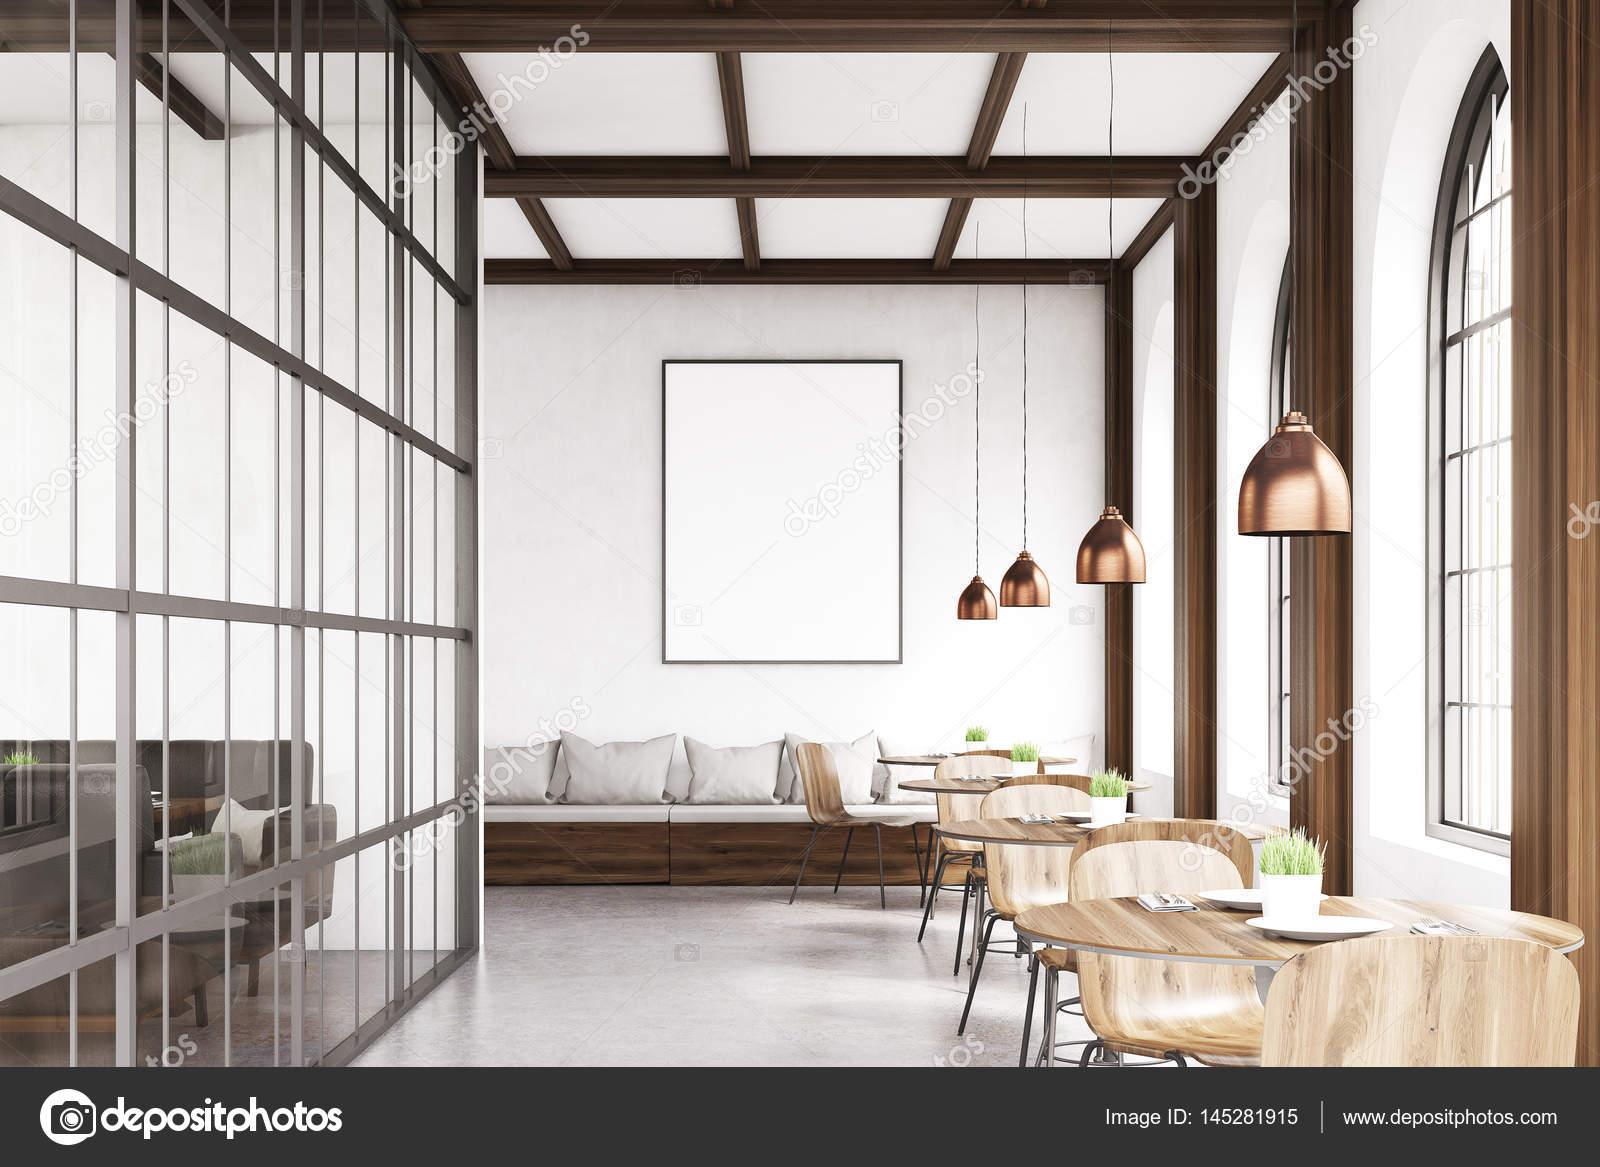 Stühle An Die Wand Hängen vorderansicht des café mit stühlen grau stockfoto